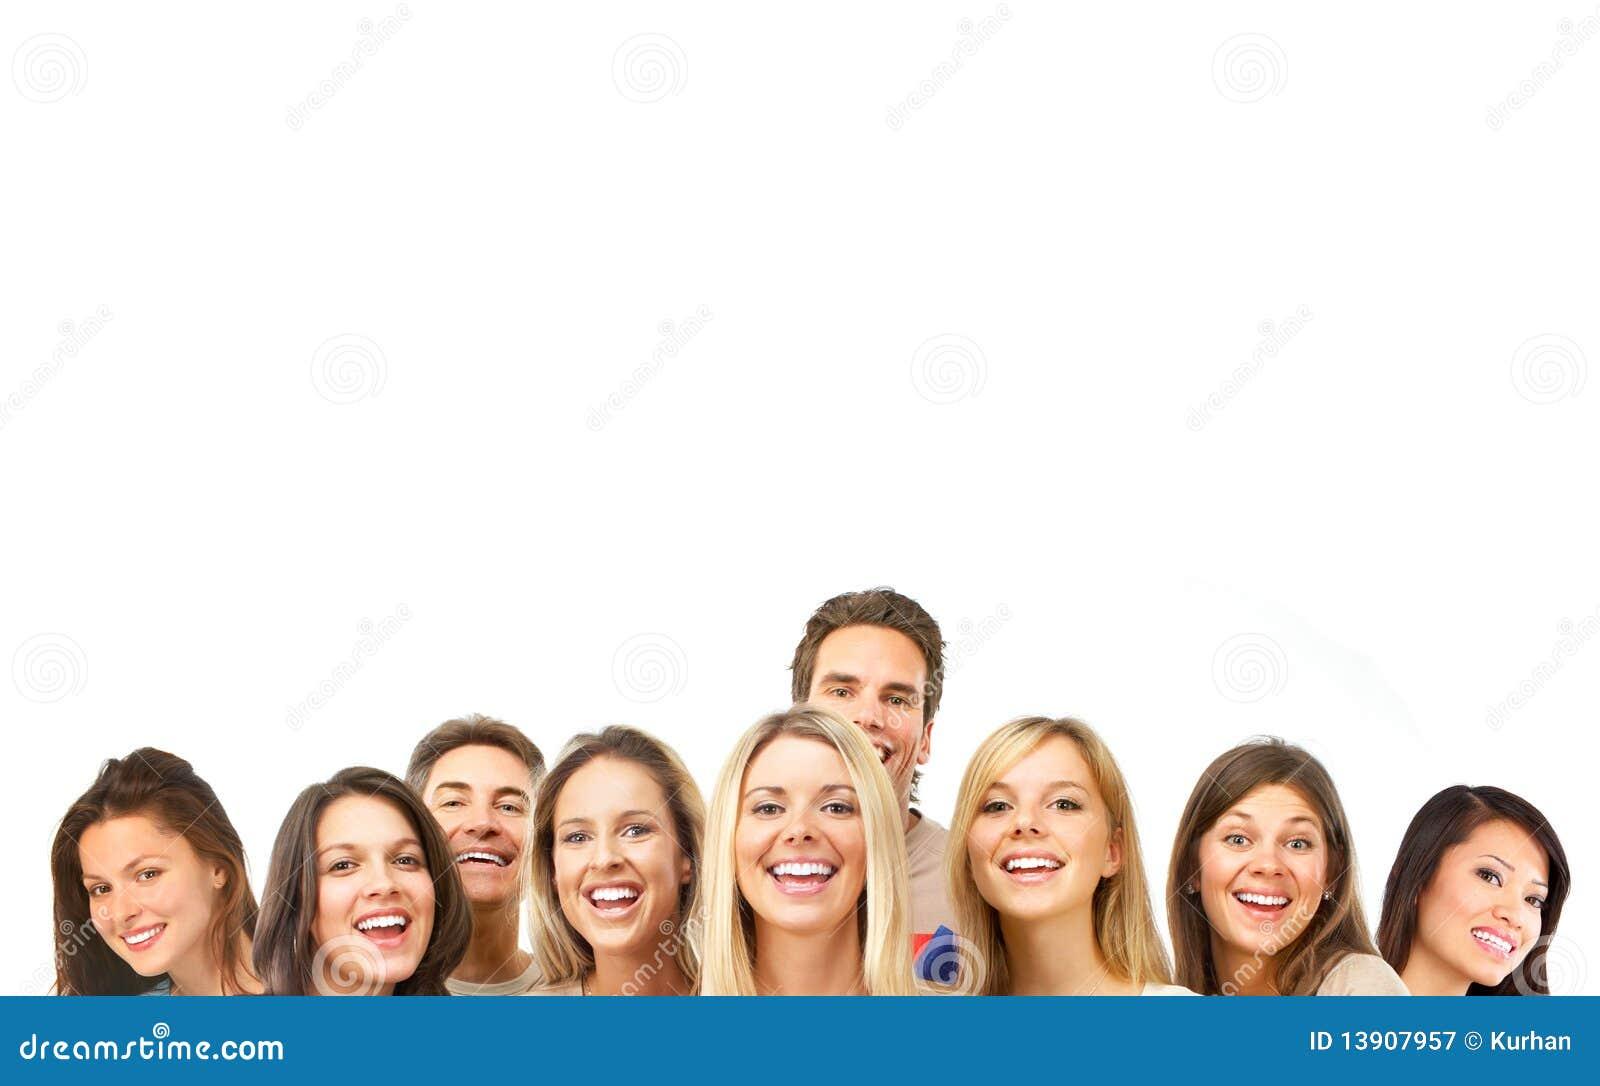 happy-people-13907957.jpg